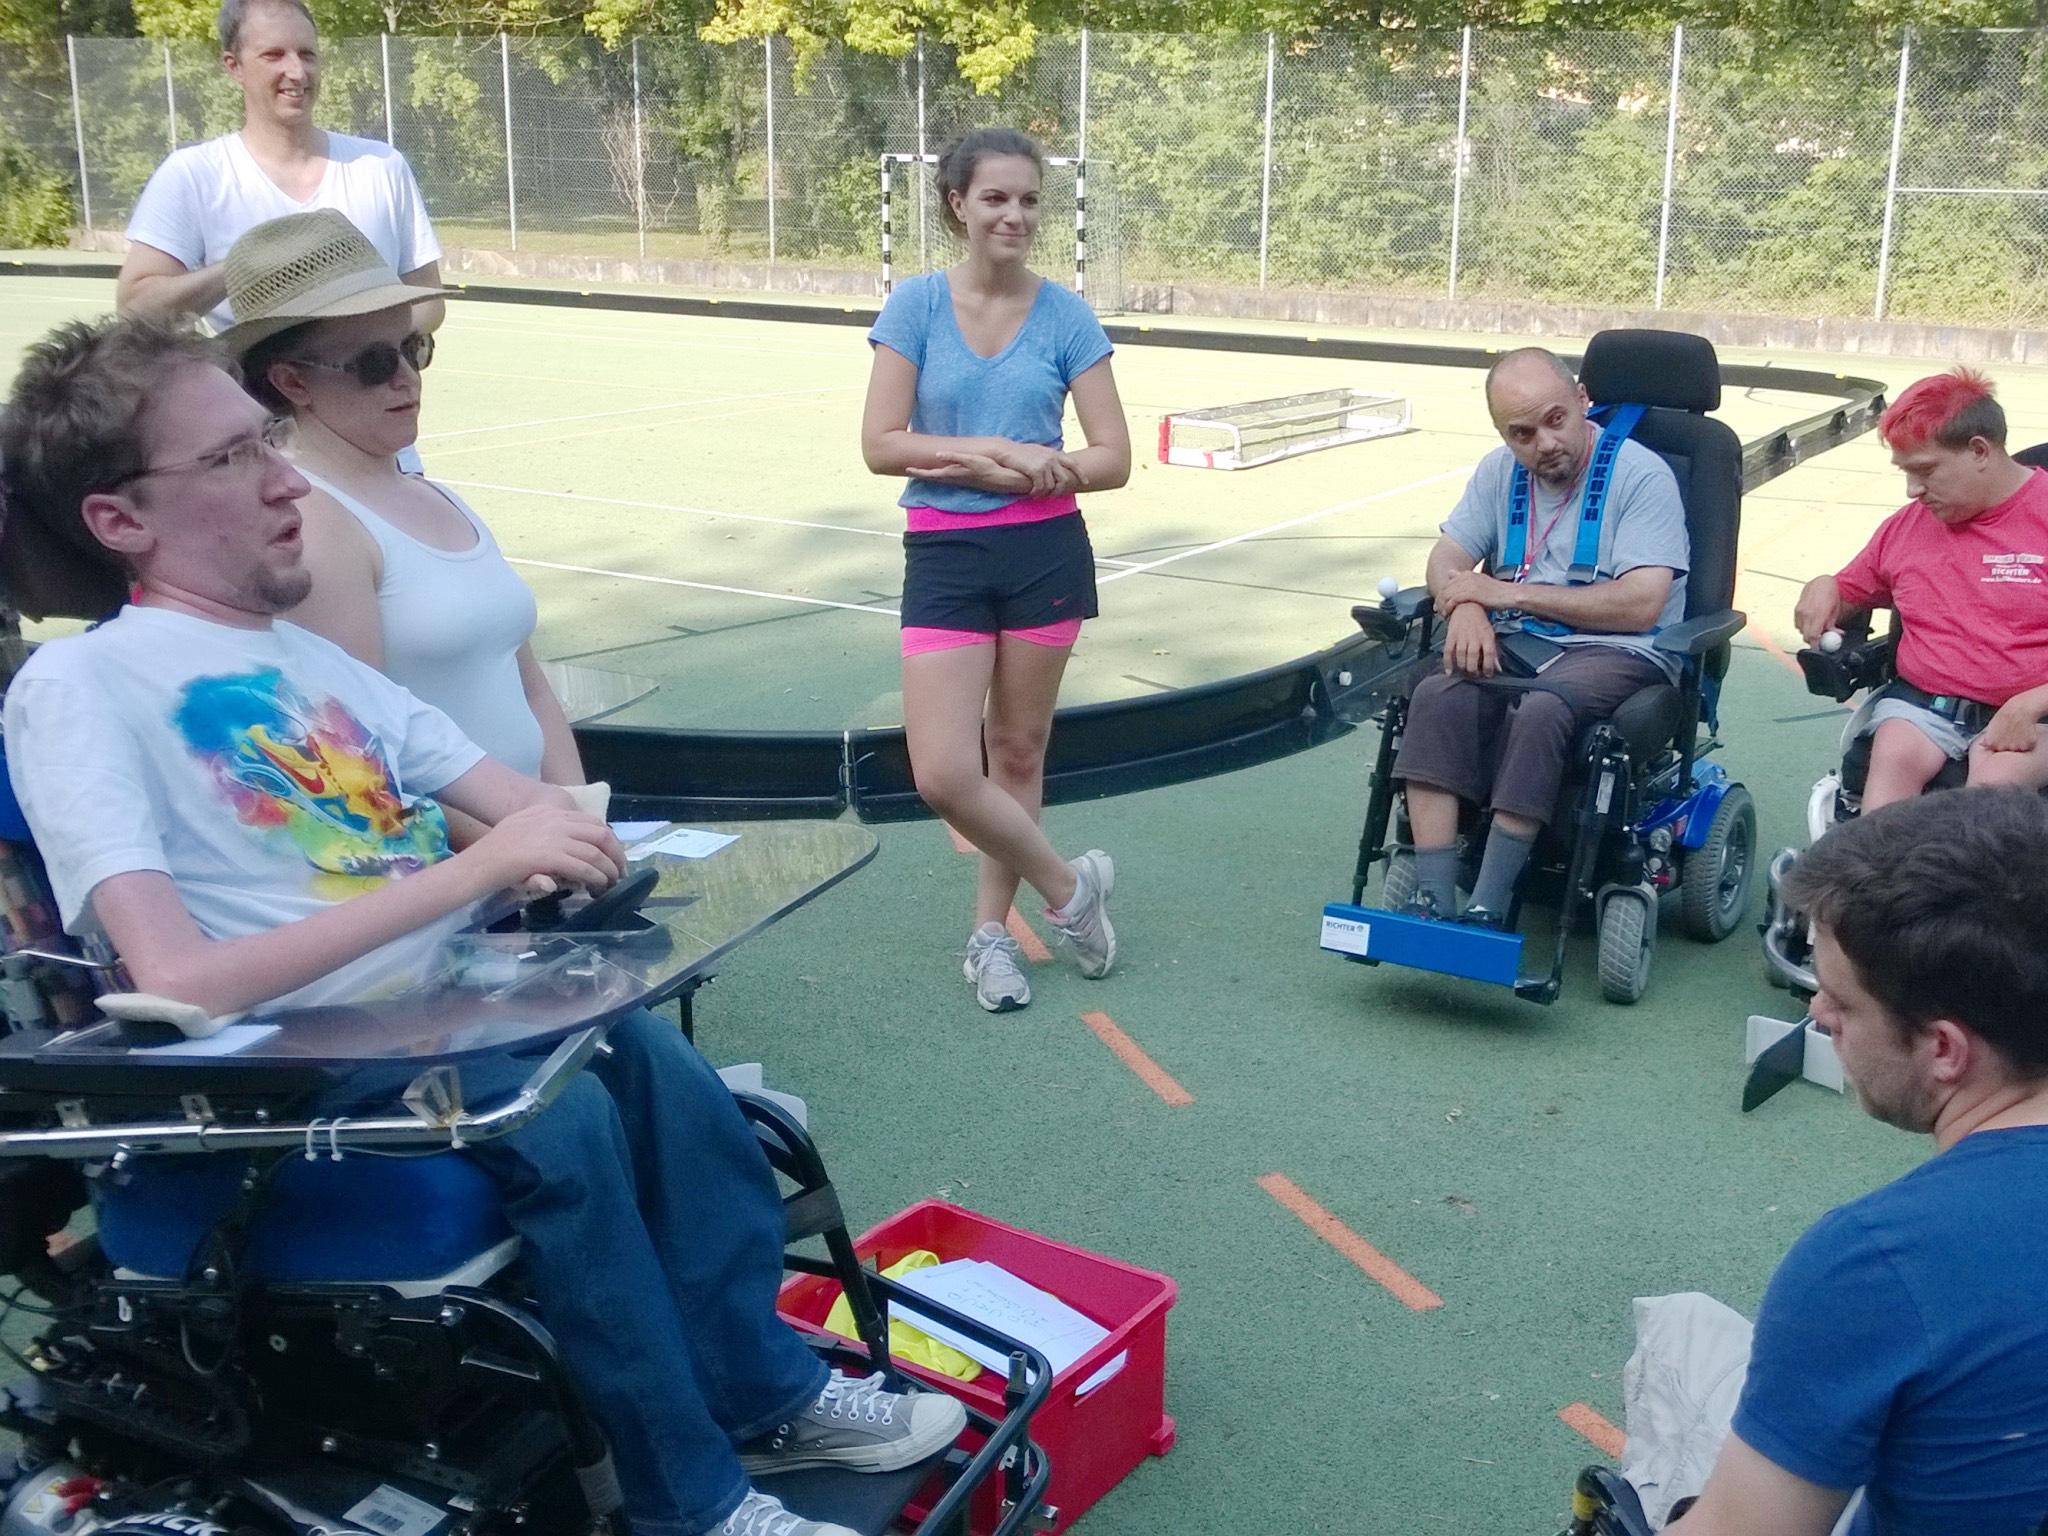 Bei den Balustern kann man E-Hockey im Rollstuhl spielen. Foto: Raimund Wendel.